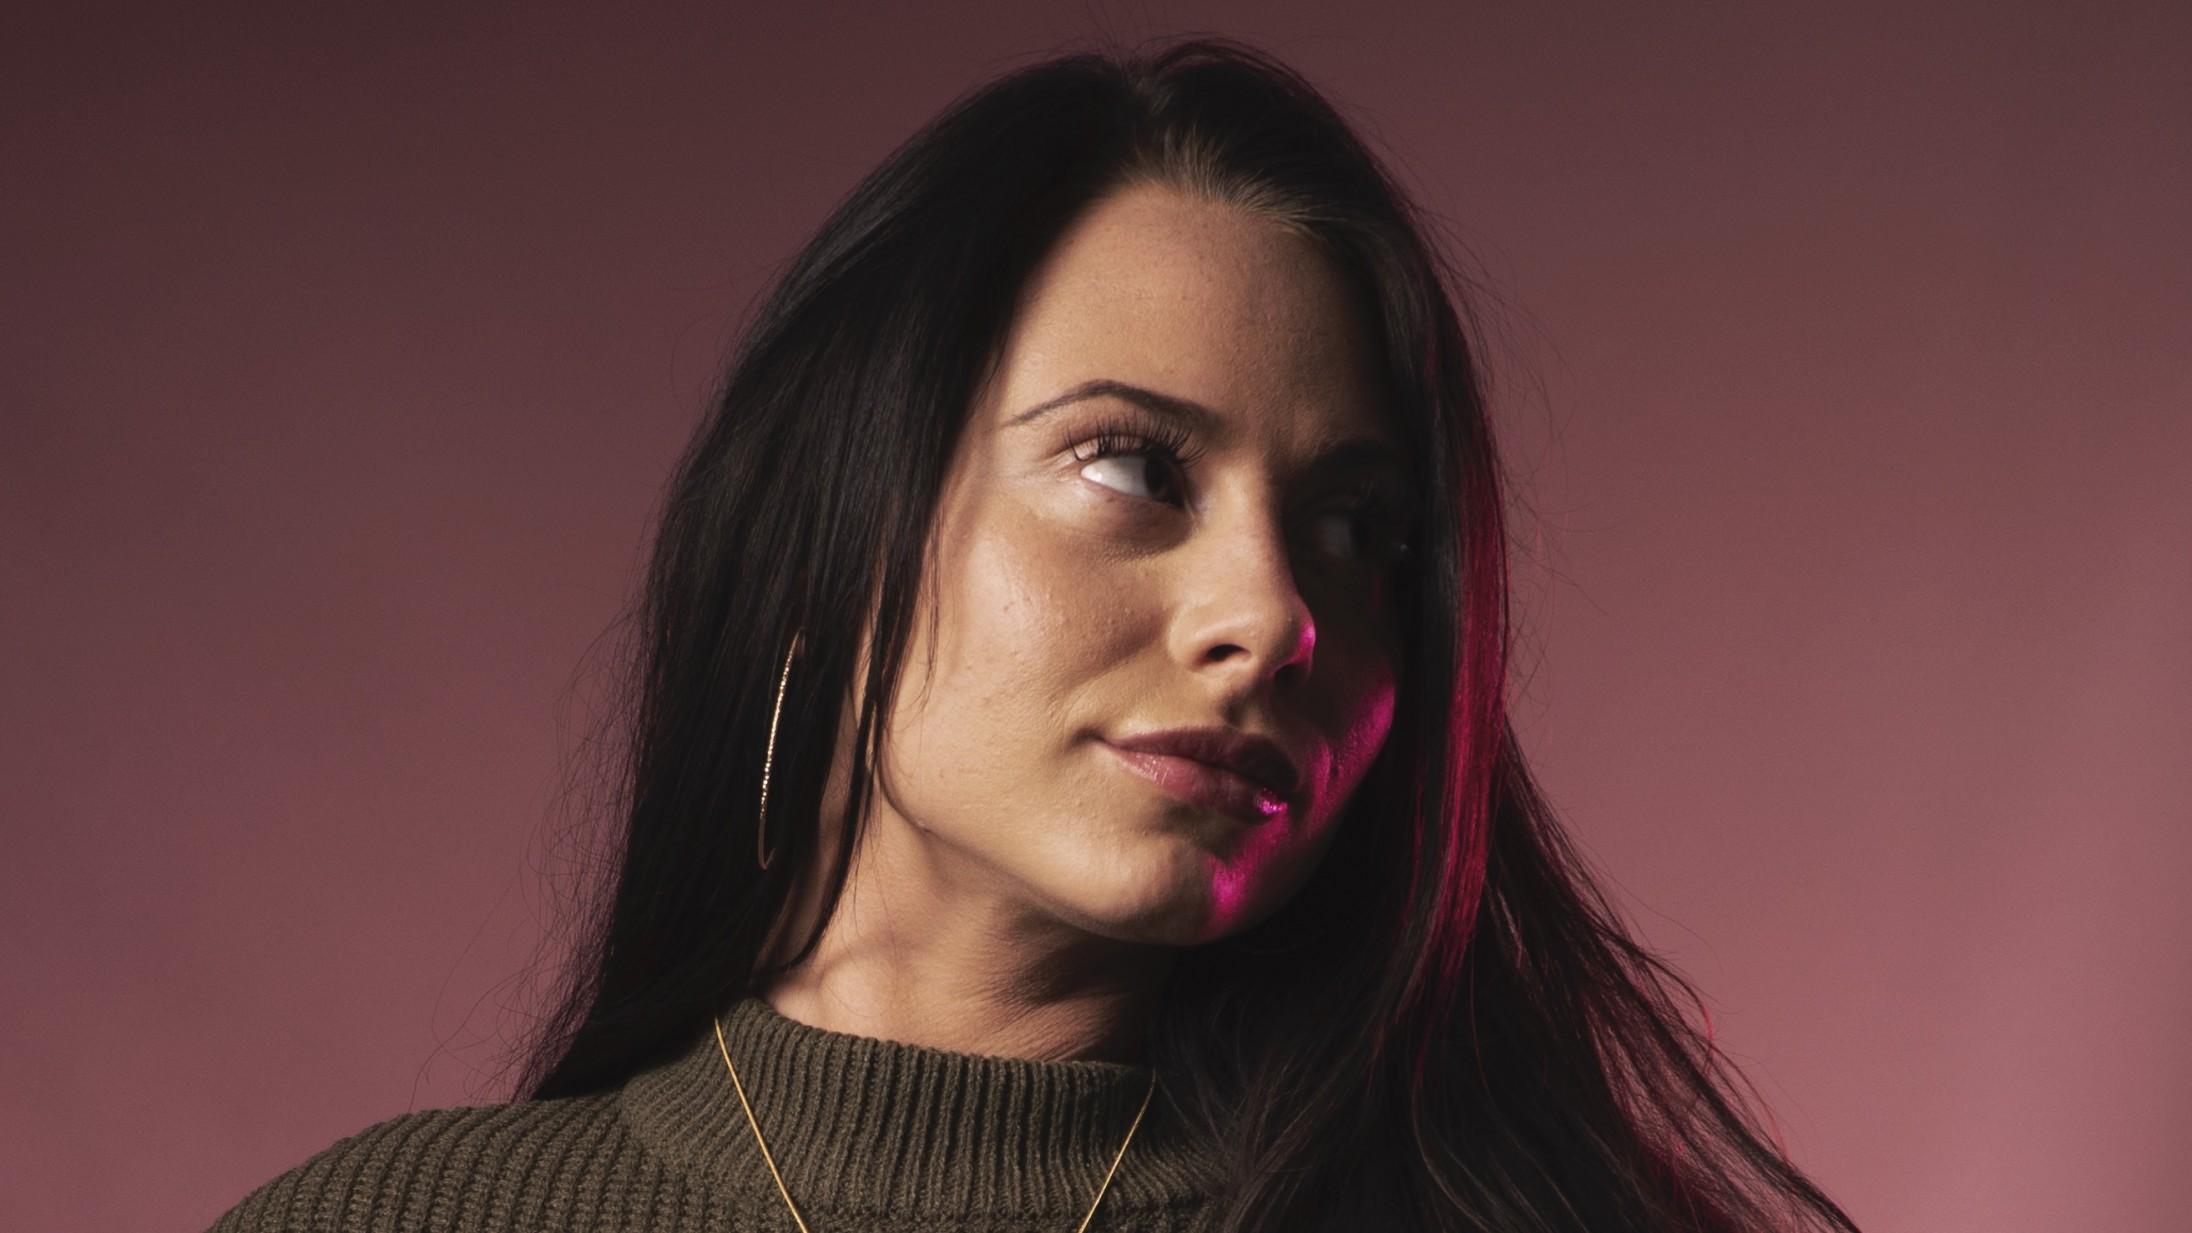 Selvfølgelig er Tessa med som gæst på Suspekts nye album